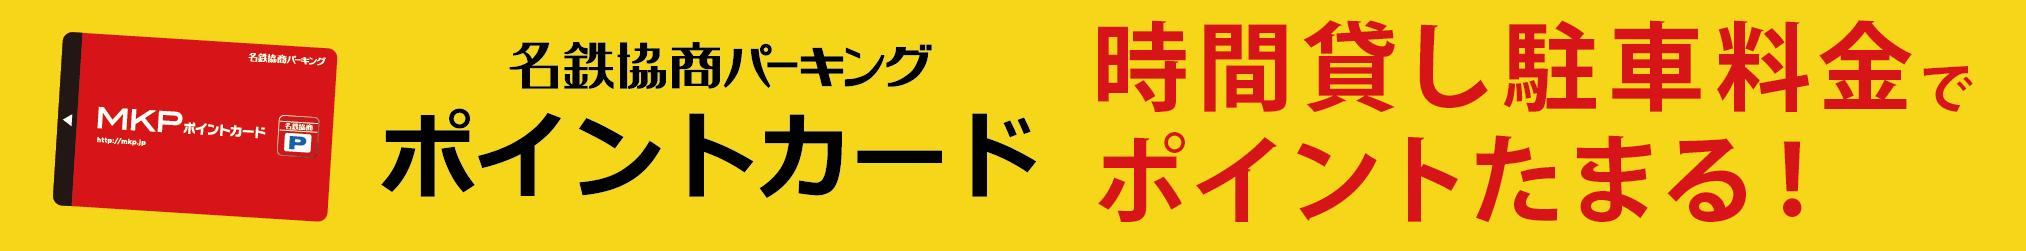 パーキング 名鉄 協商